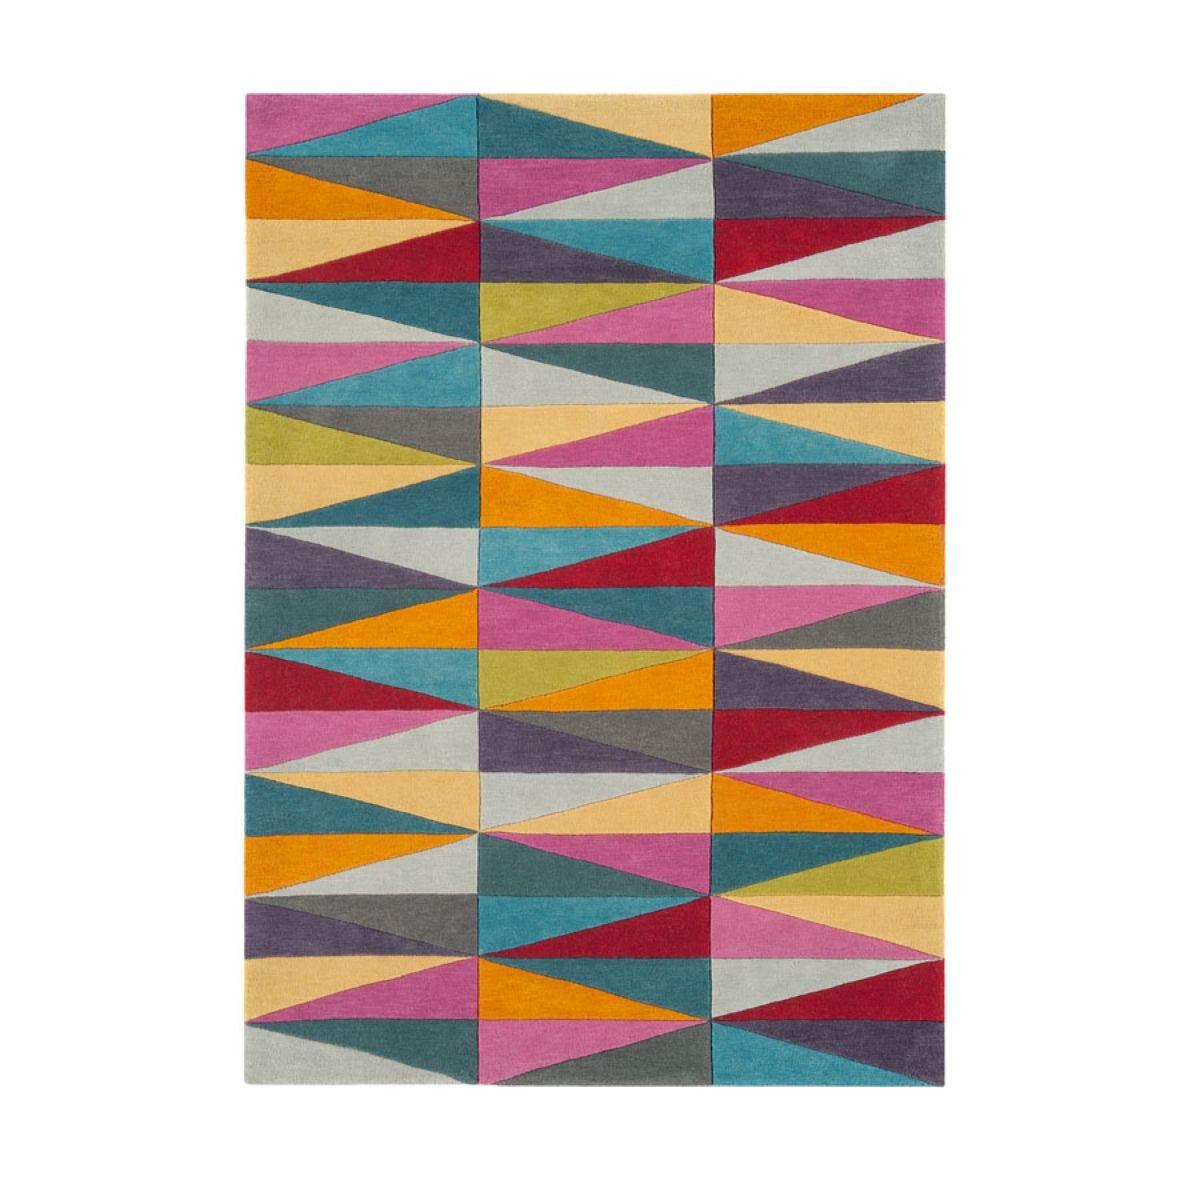 Asiatic Funk Rug, 240 x 170cm - Triangles